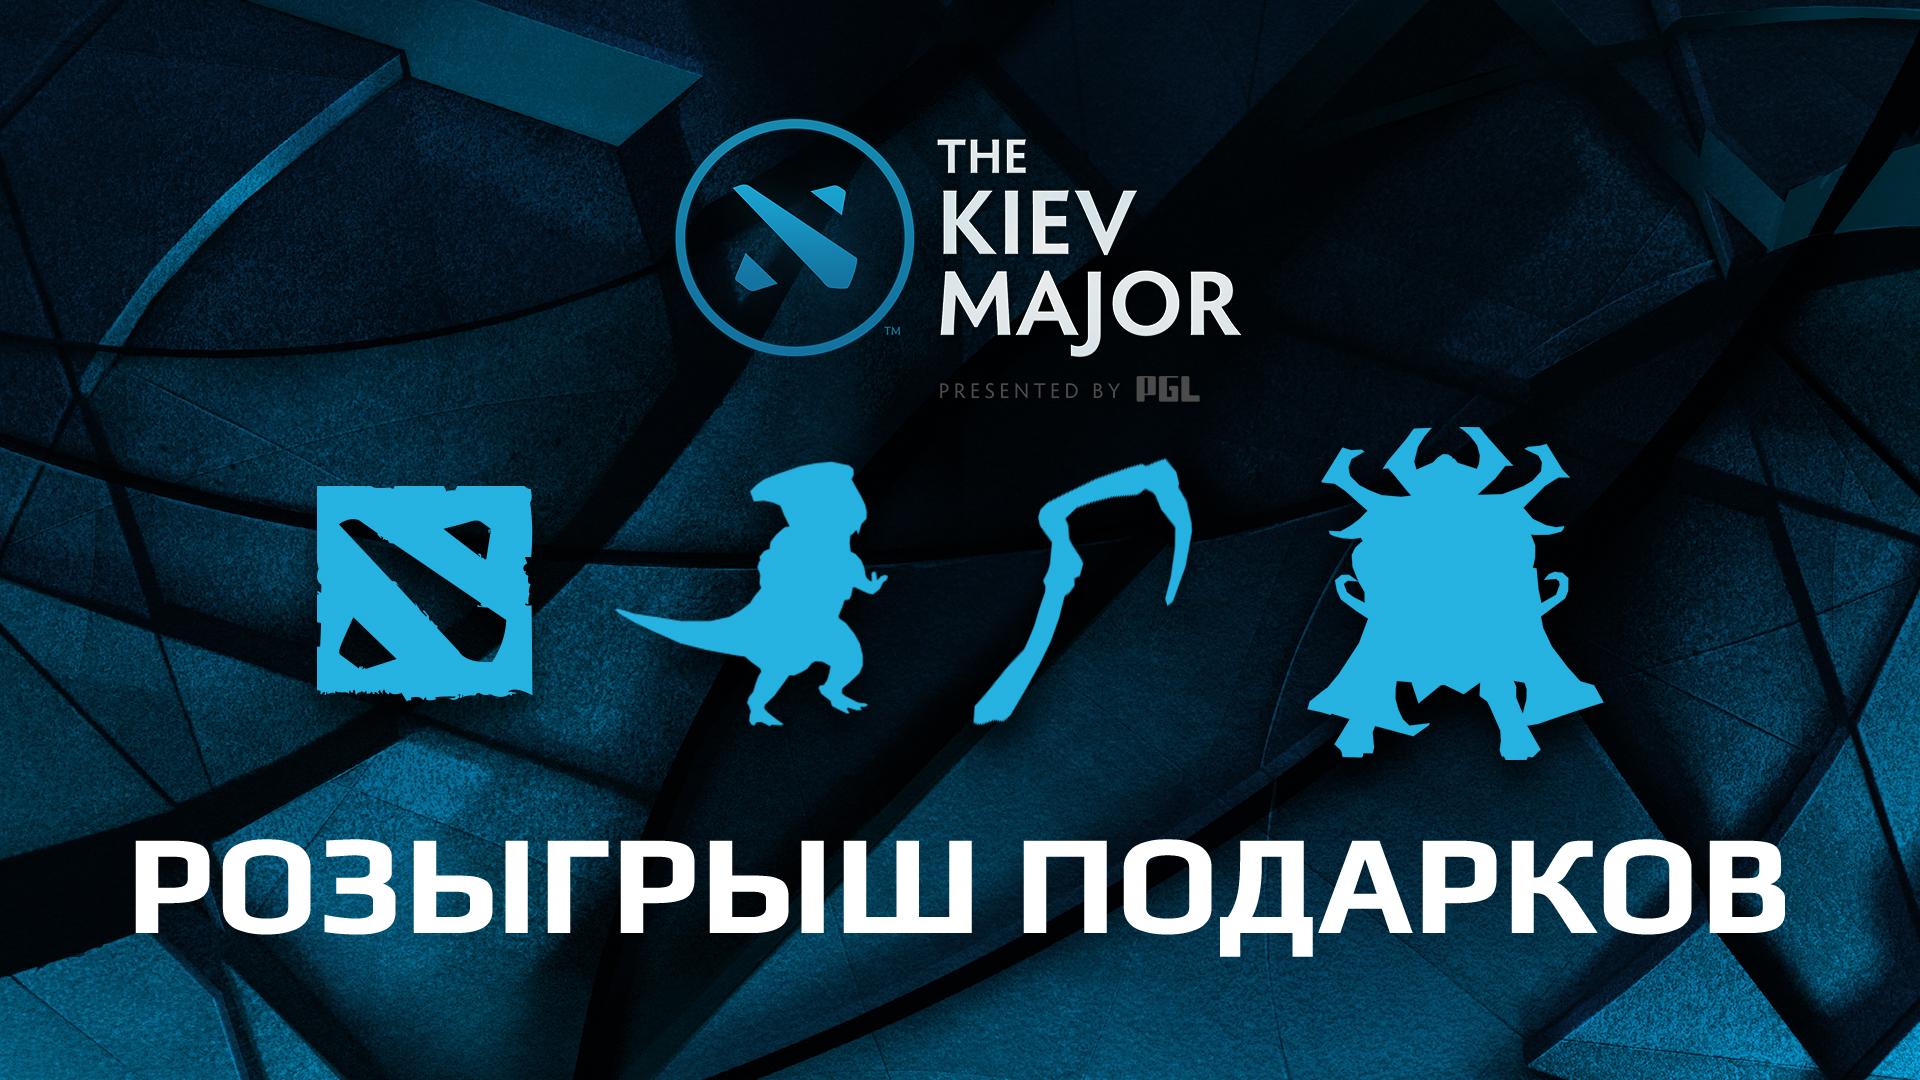 The Kiev Major prize Dota 2